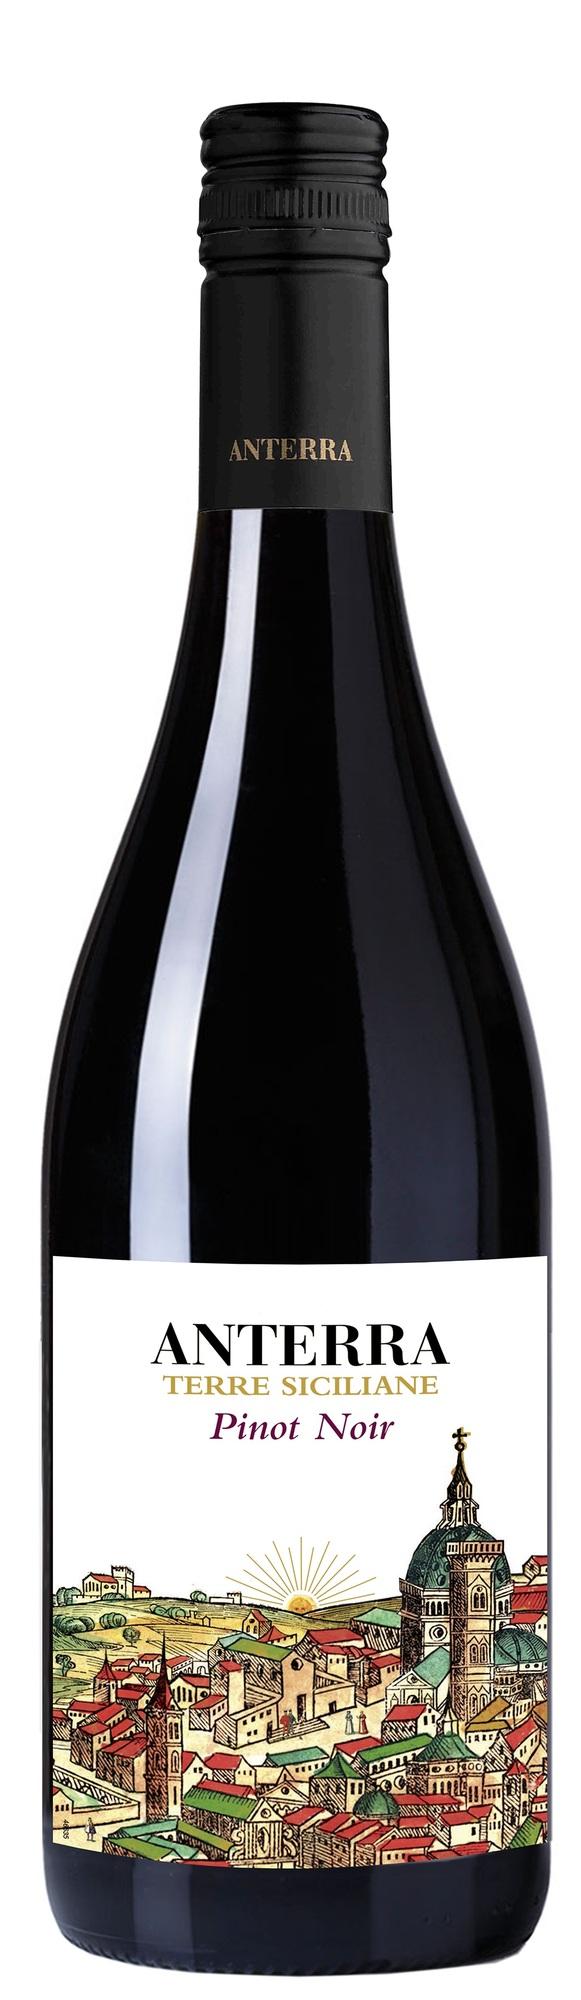 Anterra Pinot Noir Terre Siciliane IGT